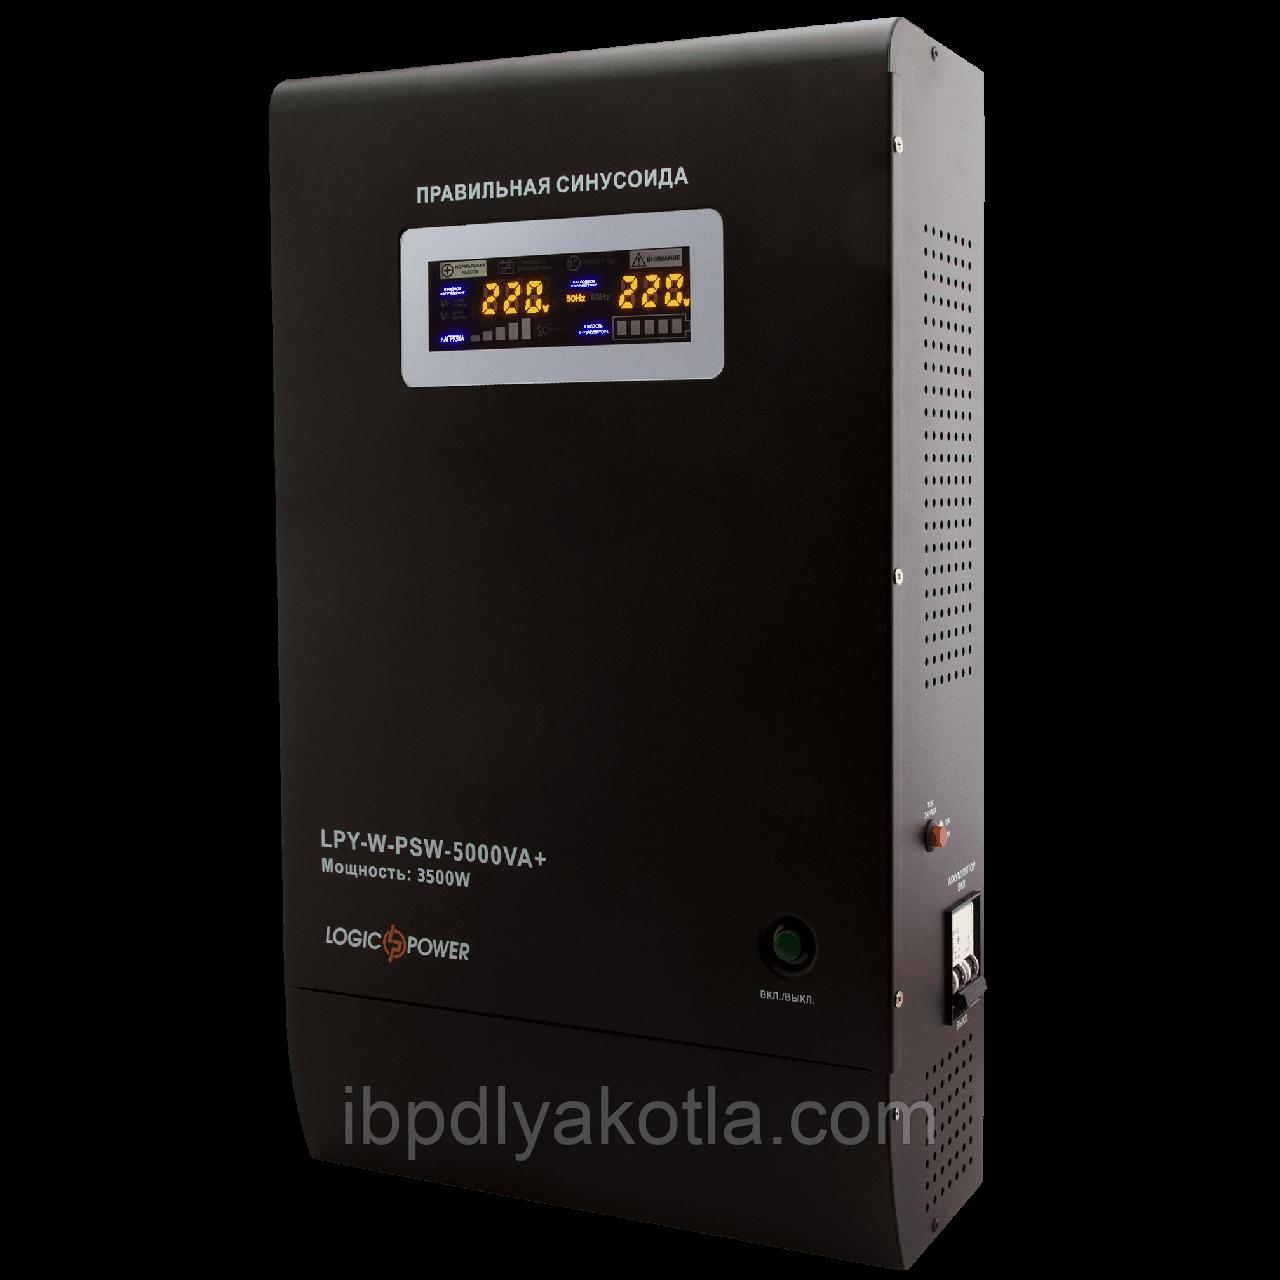 Logicpower LPY-W-PSW-5000+